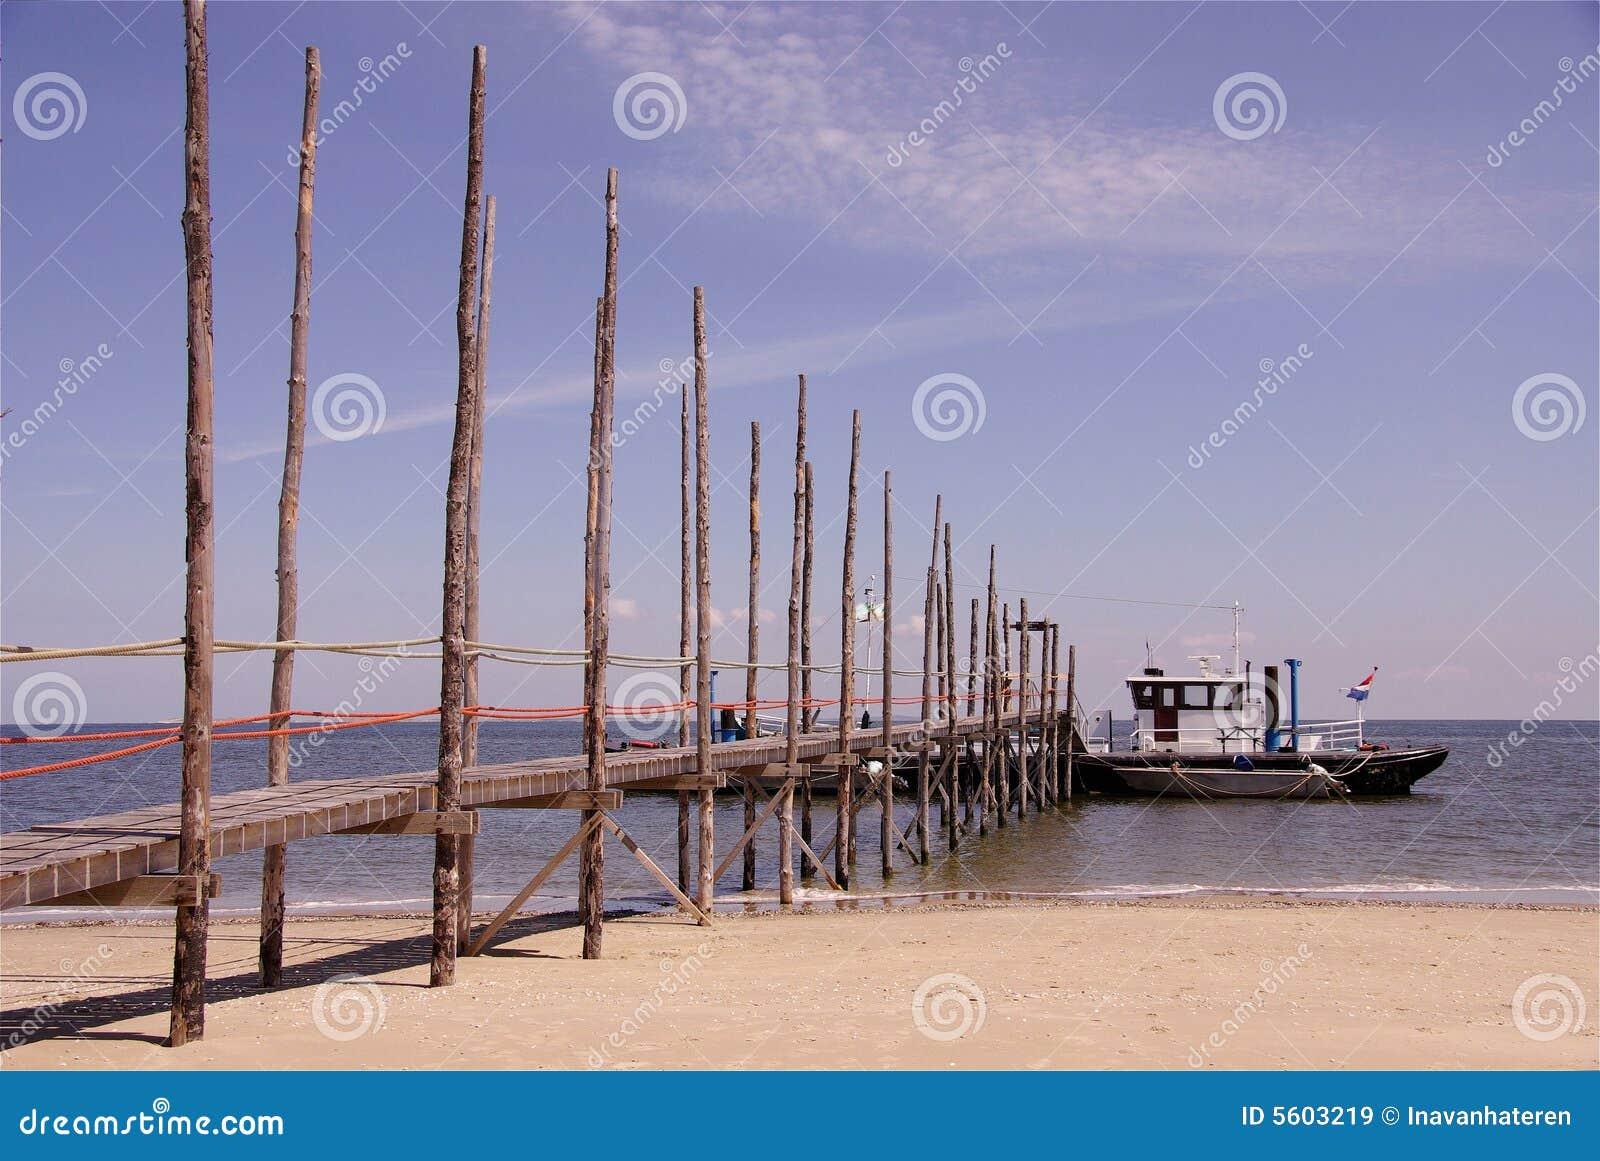 Veerboot Texel aan Vlieland